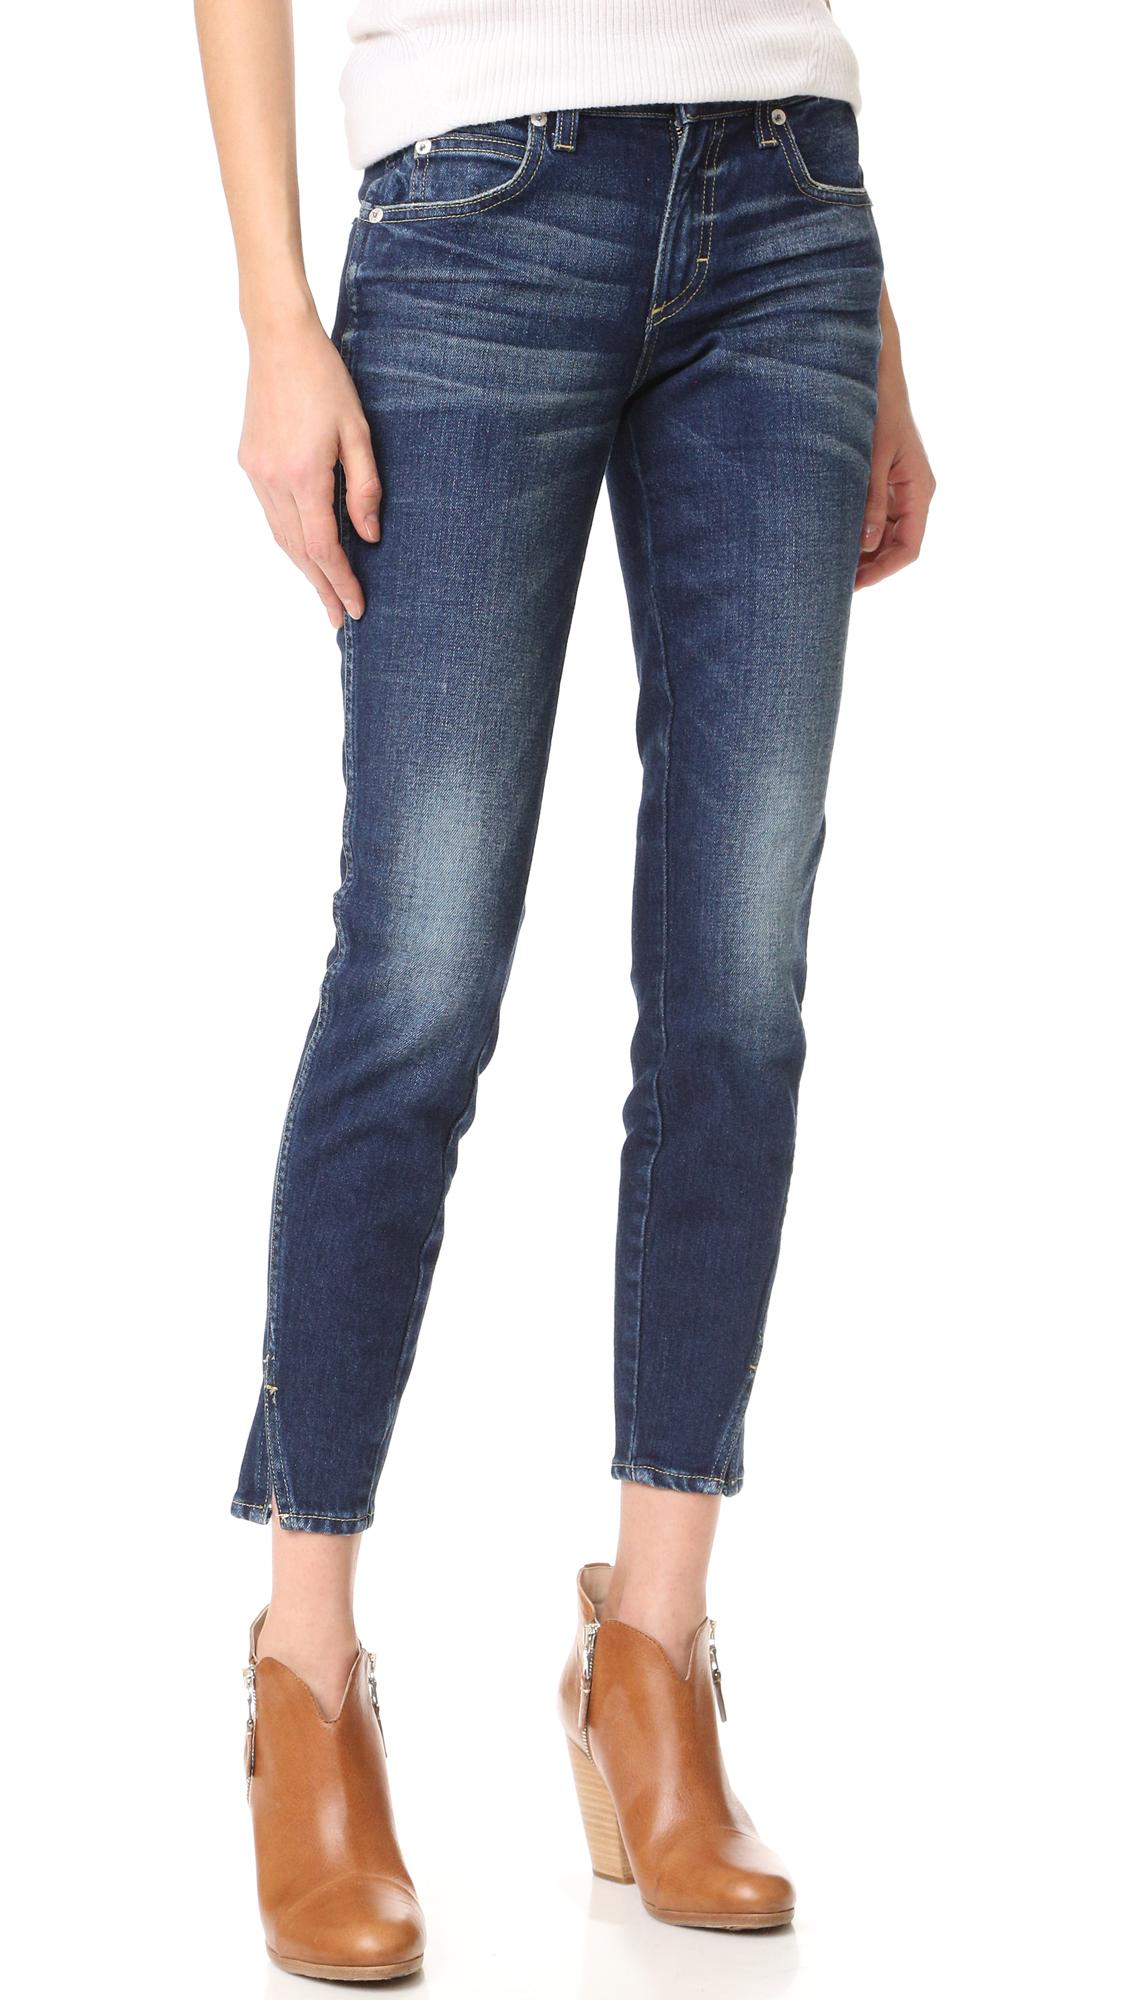 AMO Twist Skinny Ankle Jeans - True Blue